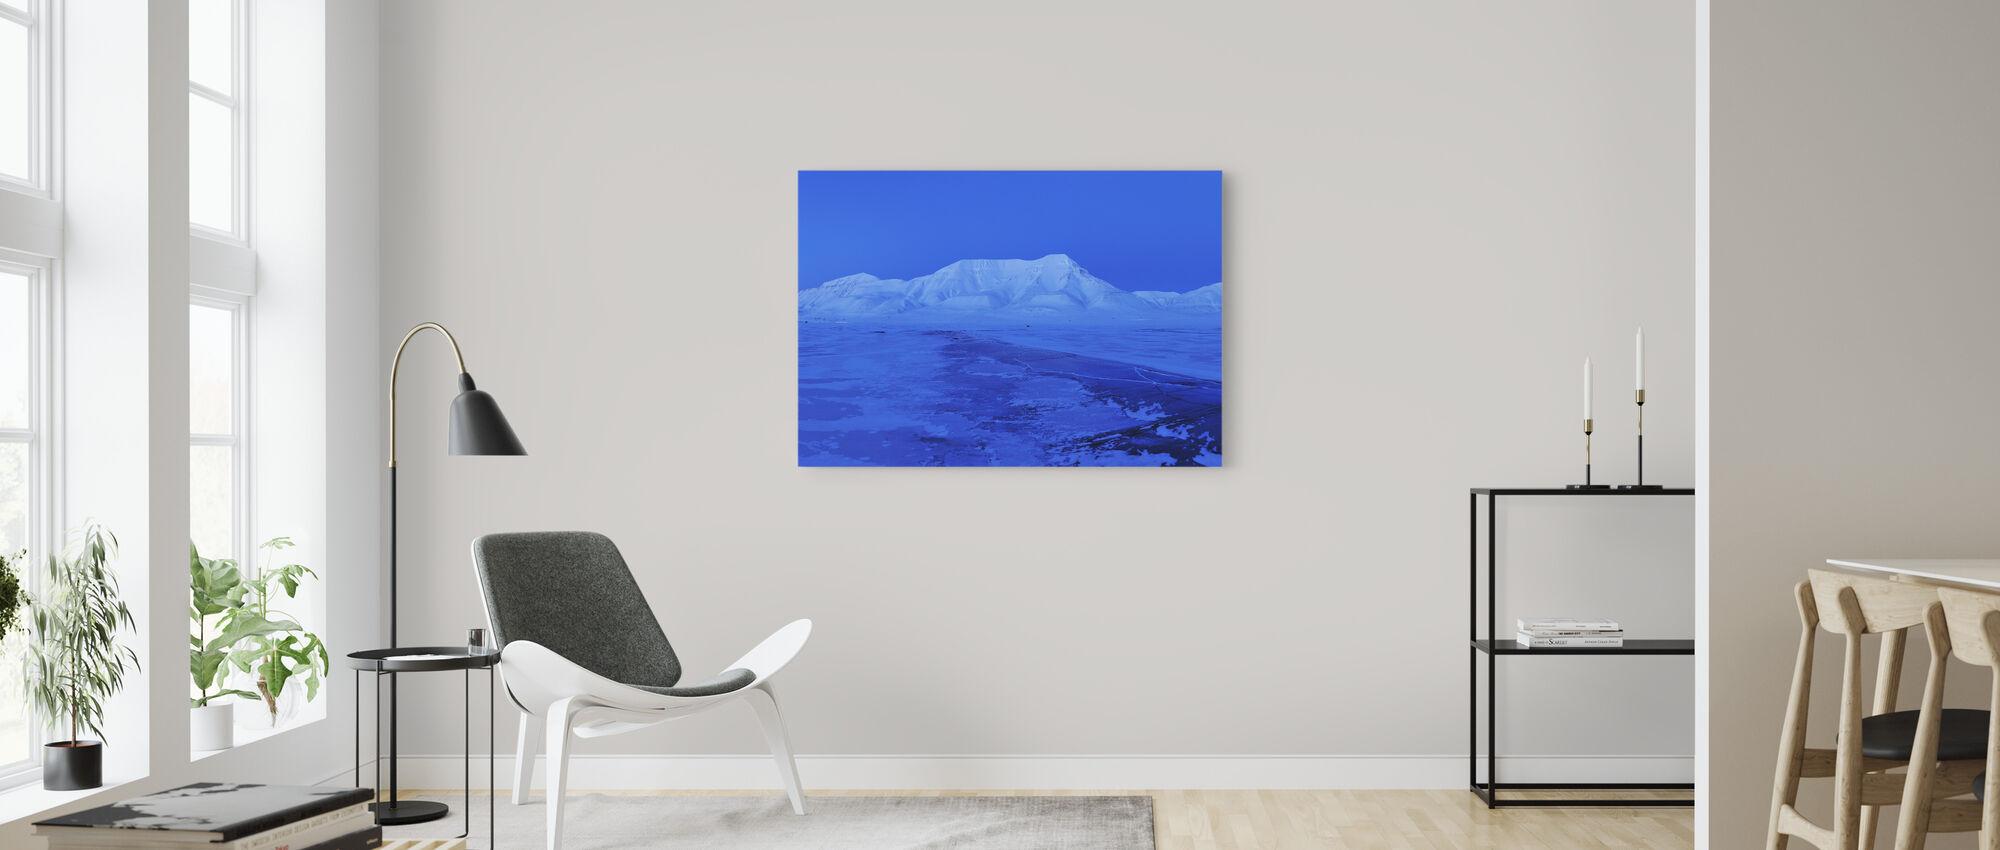 Spitsbergen in blauw licht, Svalbard - Canvas print - Woonkamer